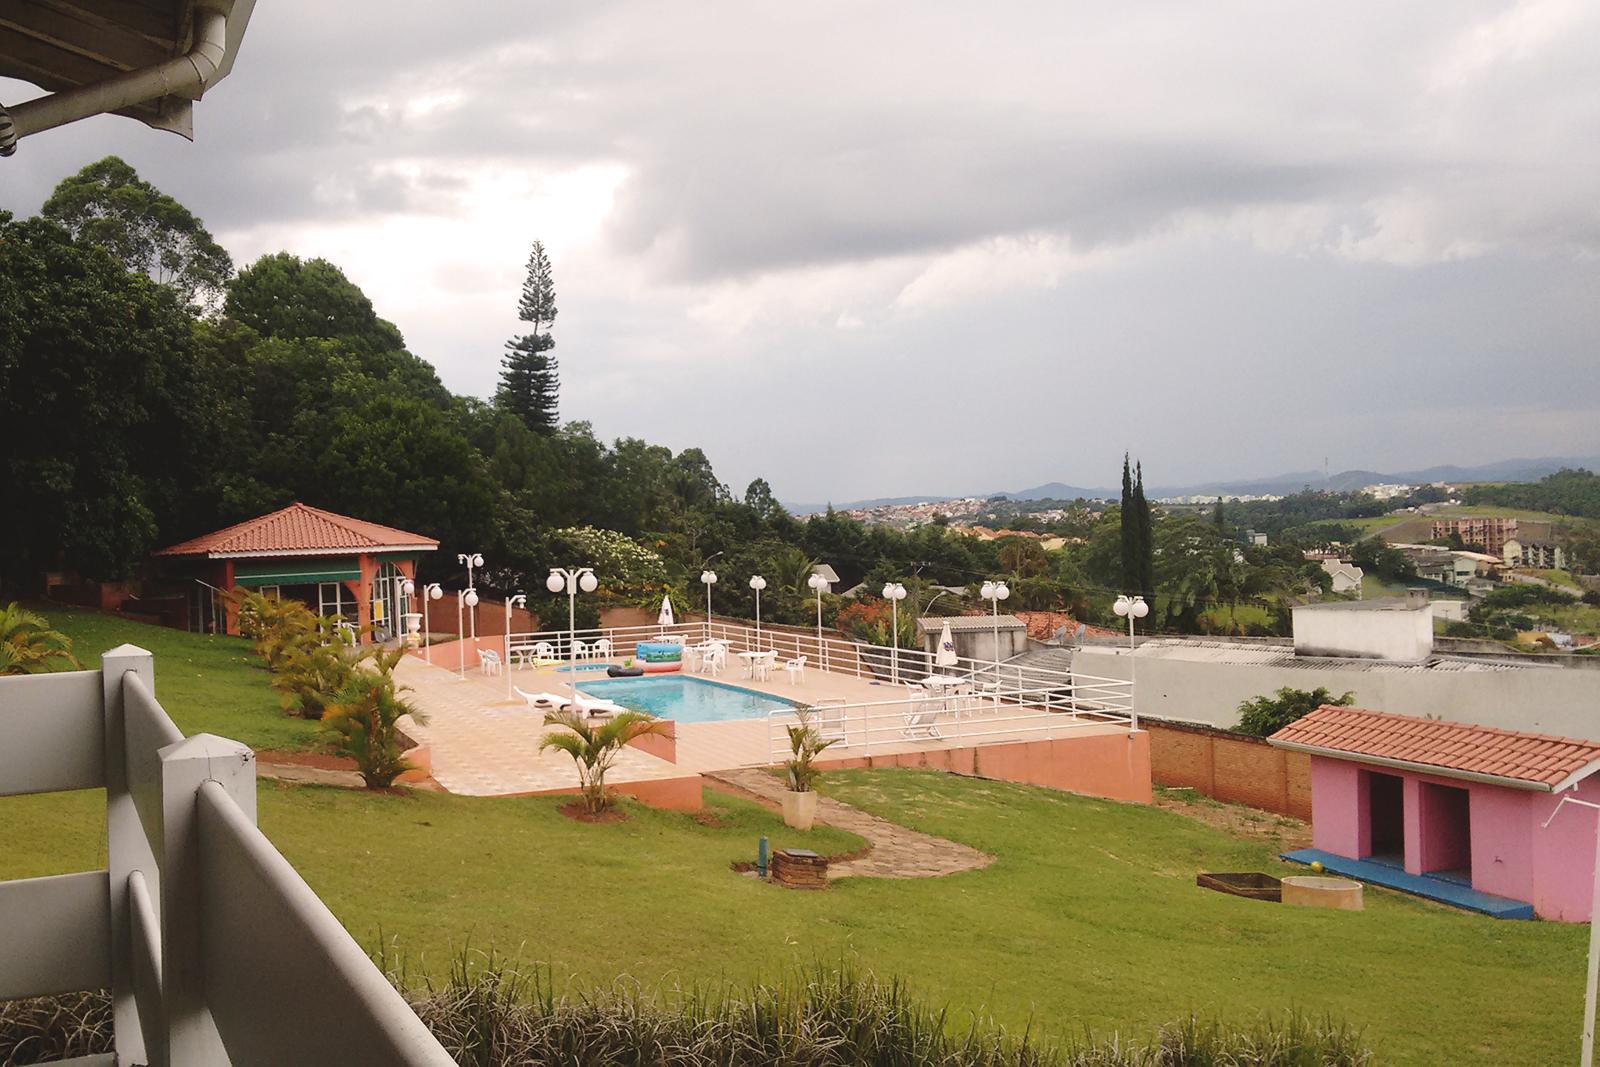 vista da piscina na sacada